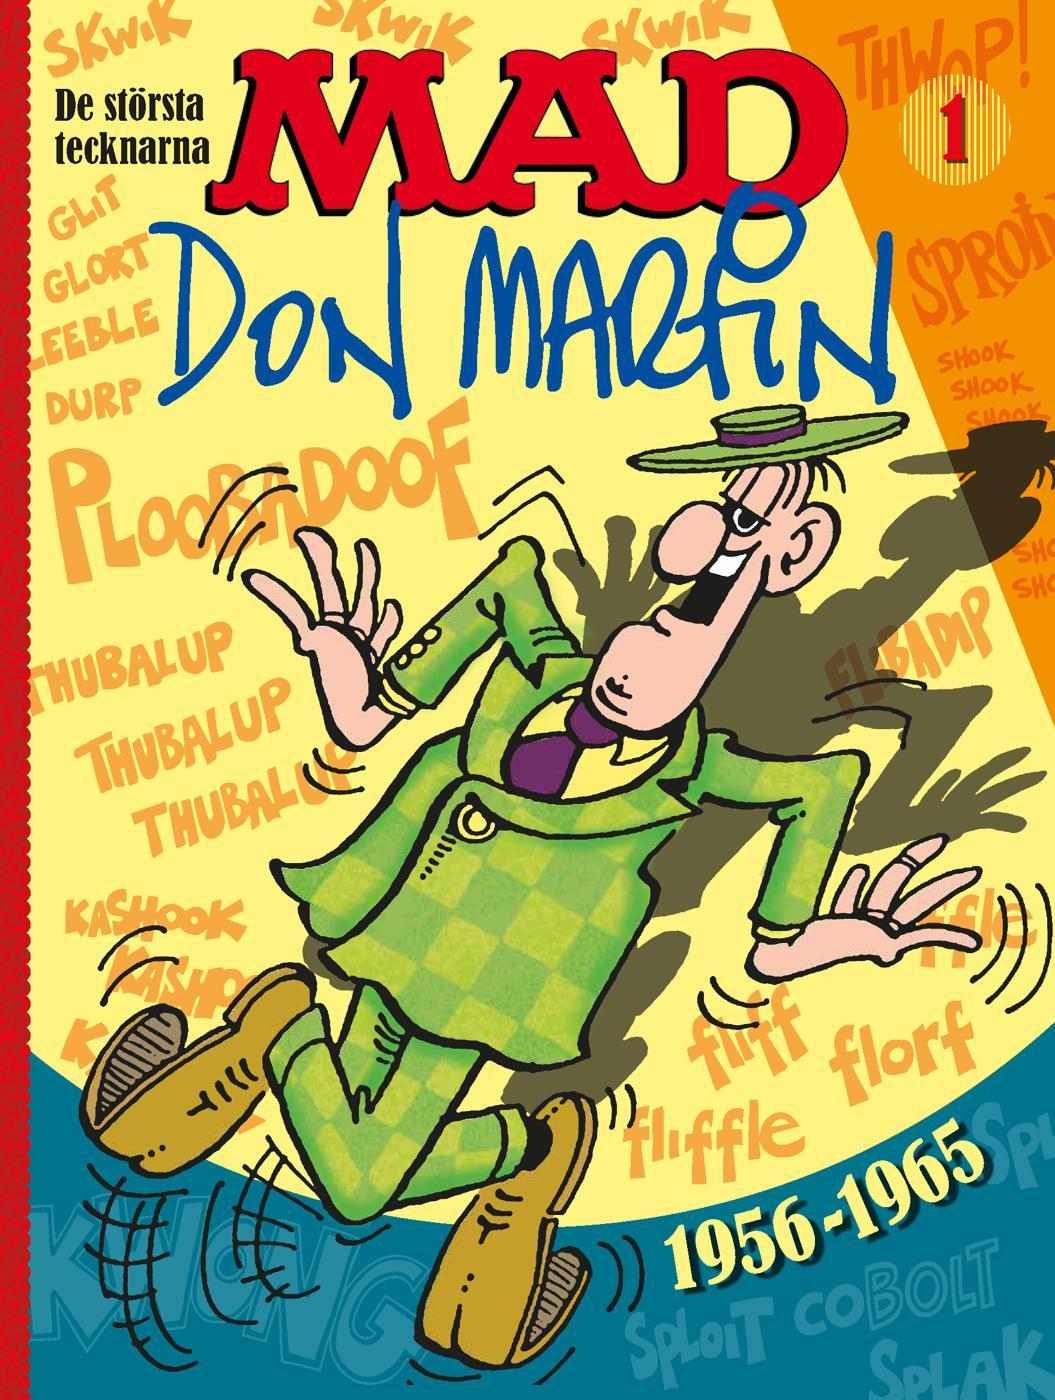 MAD De största tecknarna Vol 1, Don Martin 1956-1965 #1 • Sweden